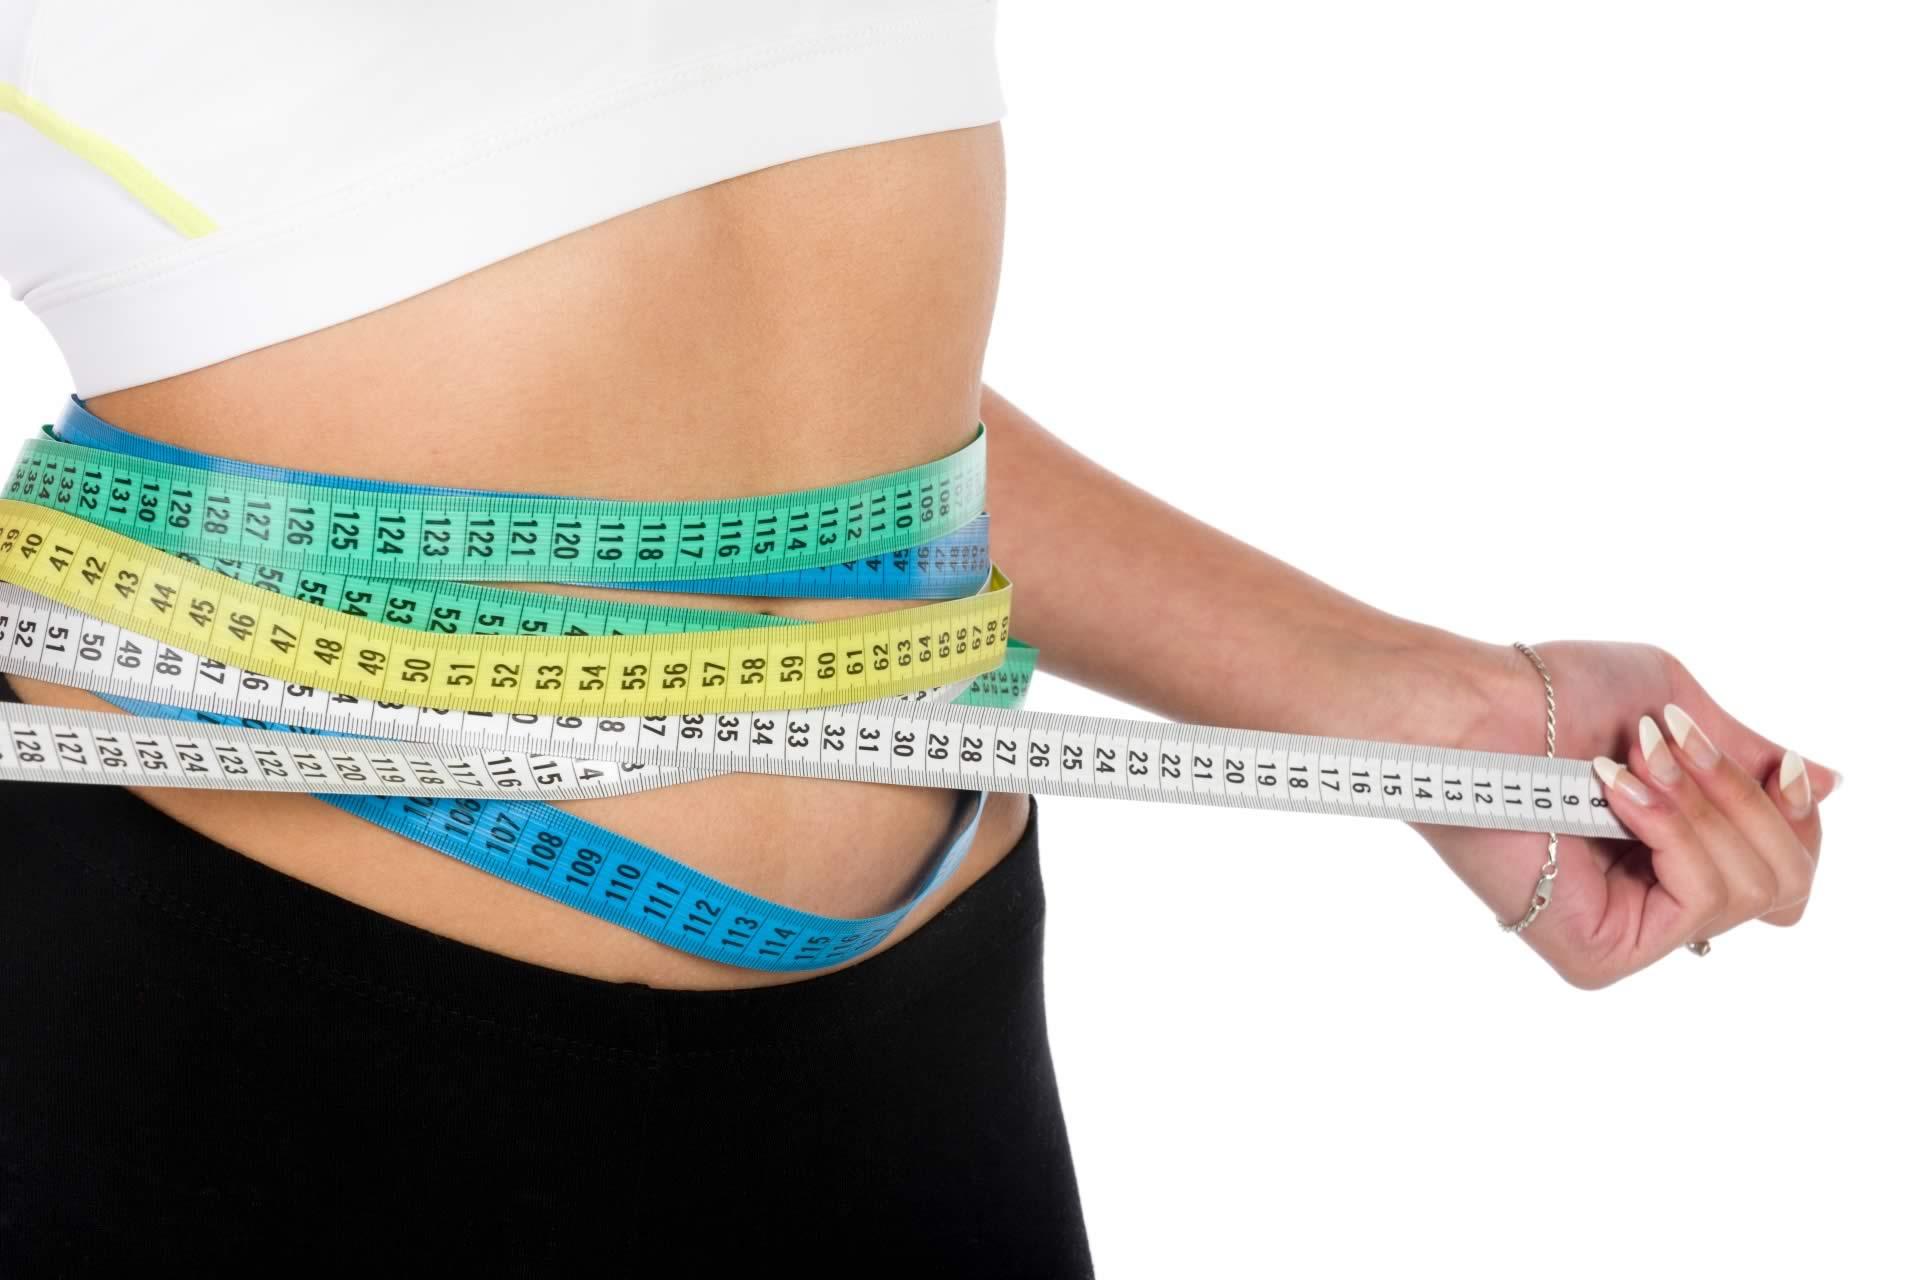 perdere peso 5 chili in 4 mesi posso viaggiare